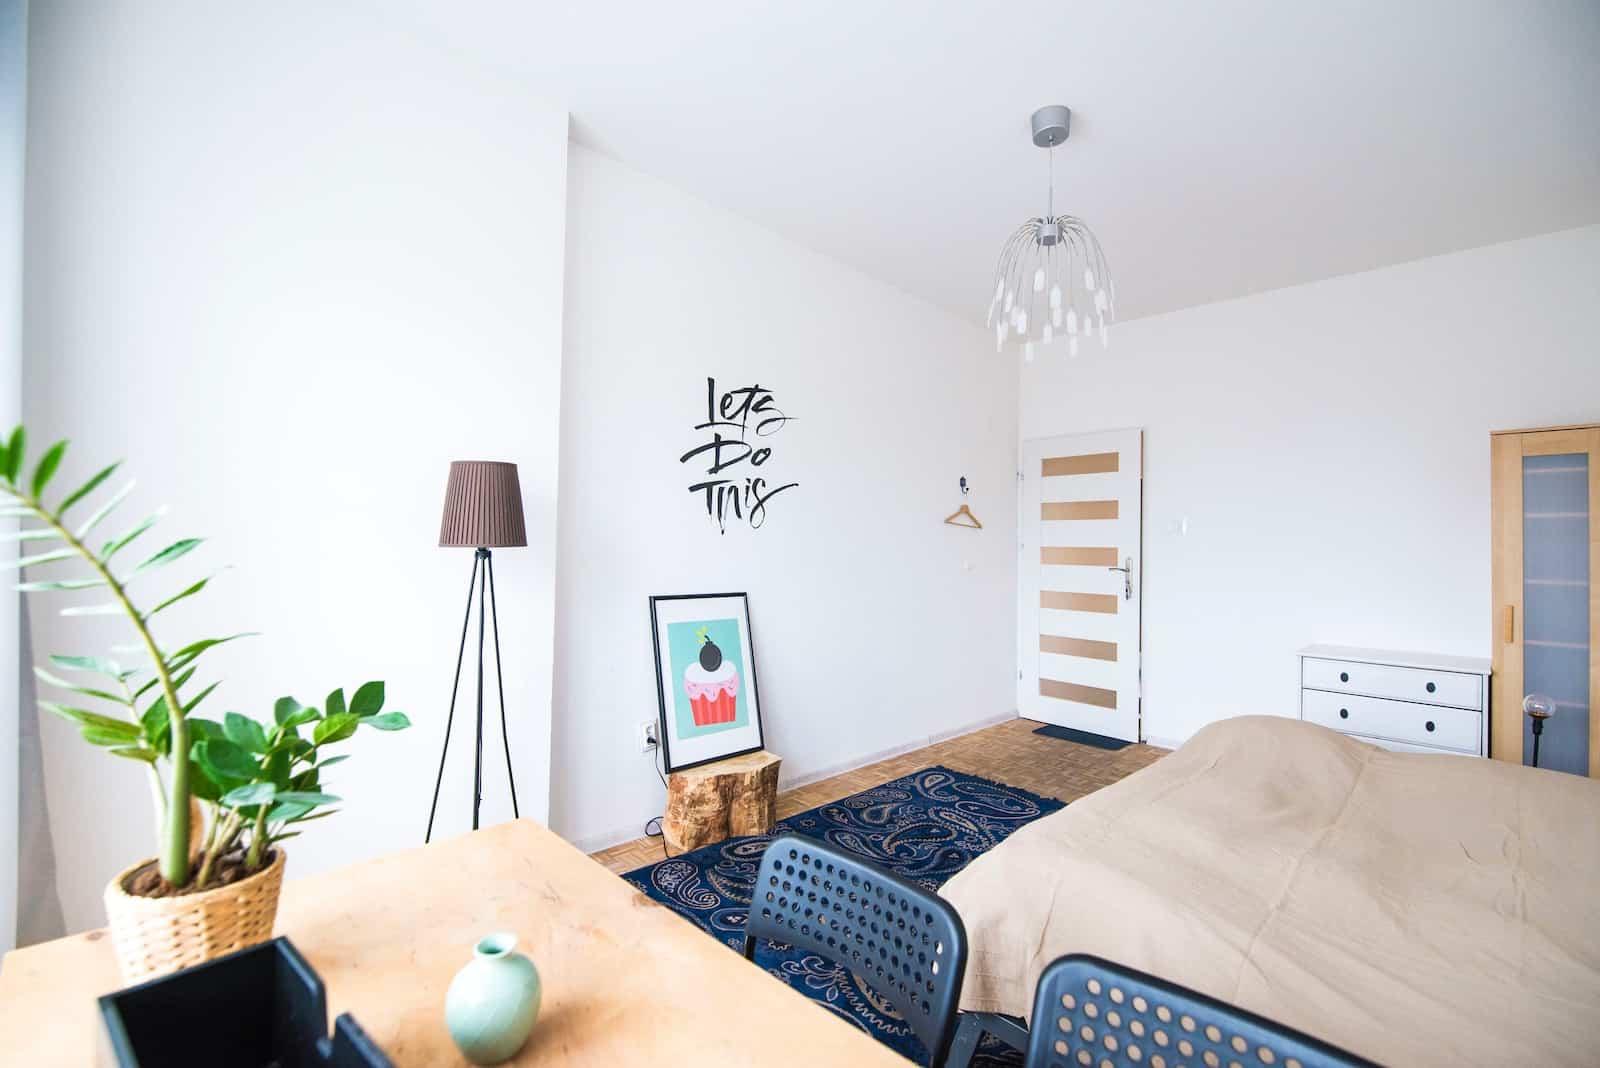 Cómo Decorar Tu Habitación Sin Gastar Mucho Dinero 21 Ideas